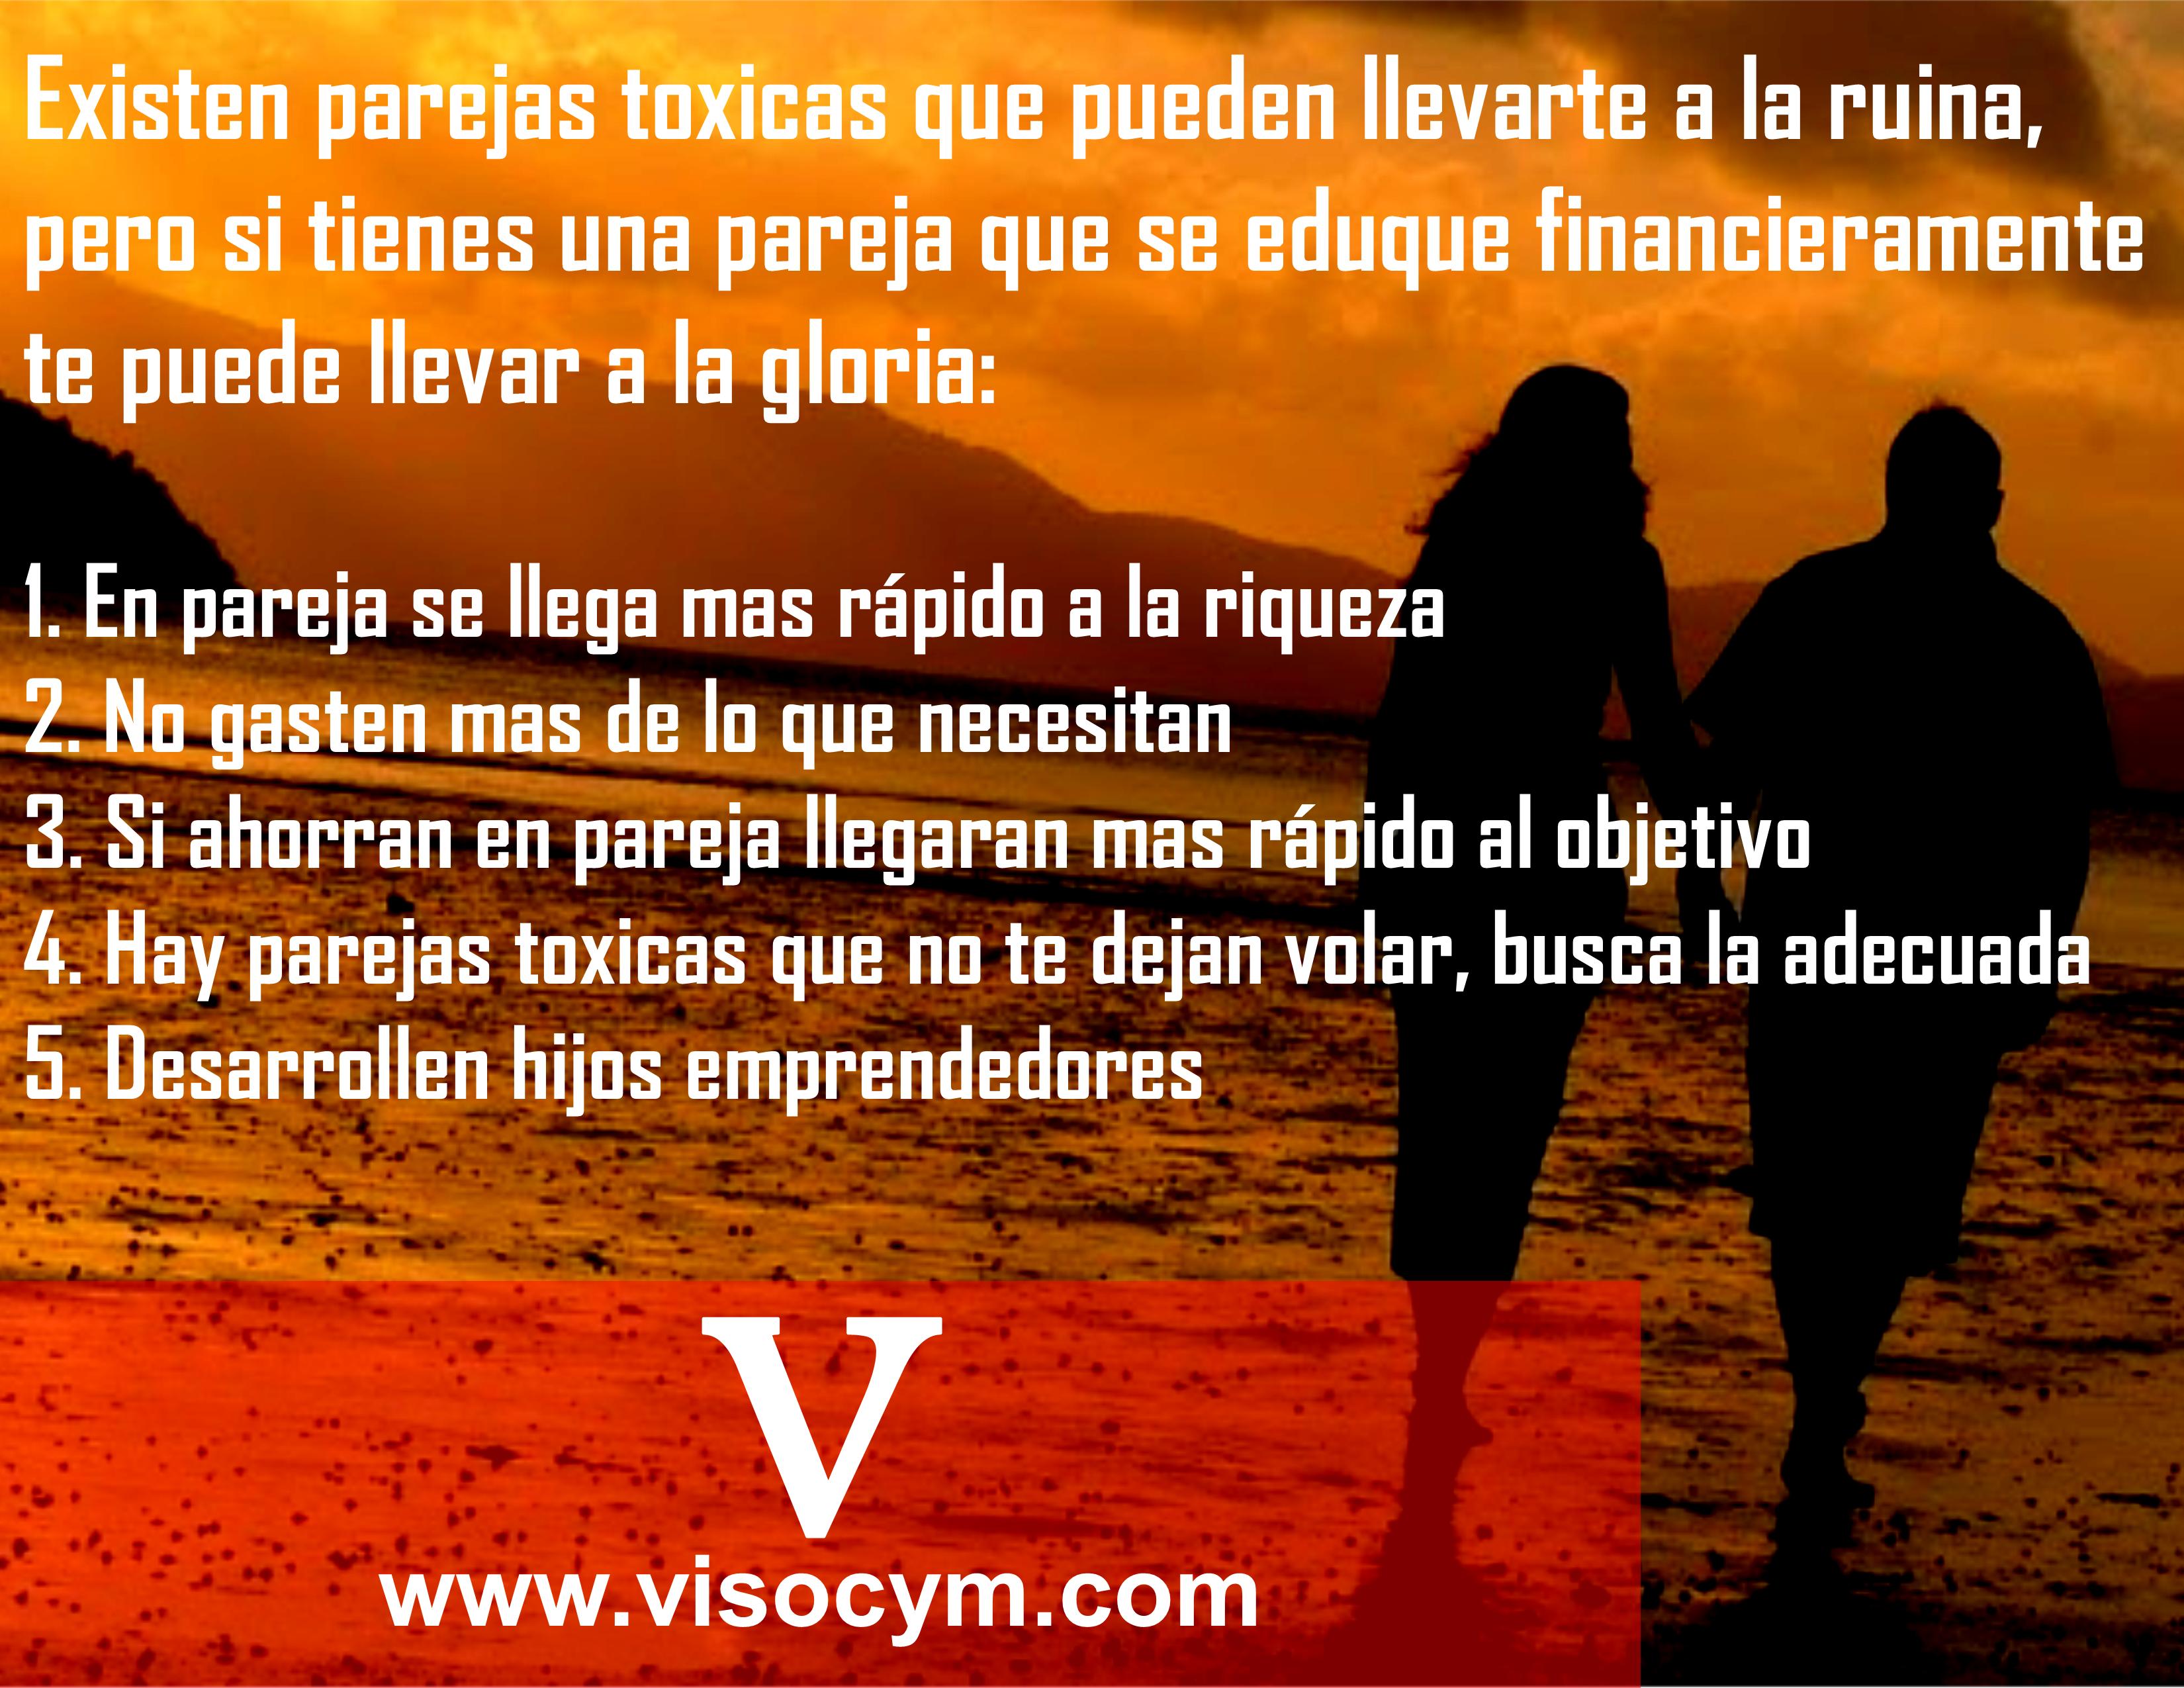 Parejas toxicas www.visocym.com